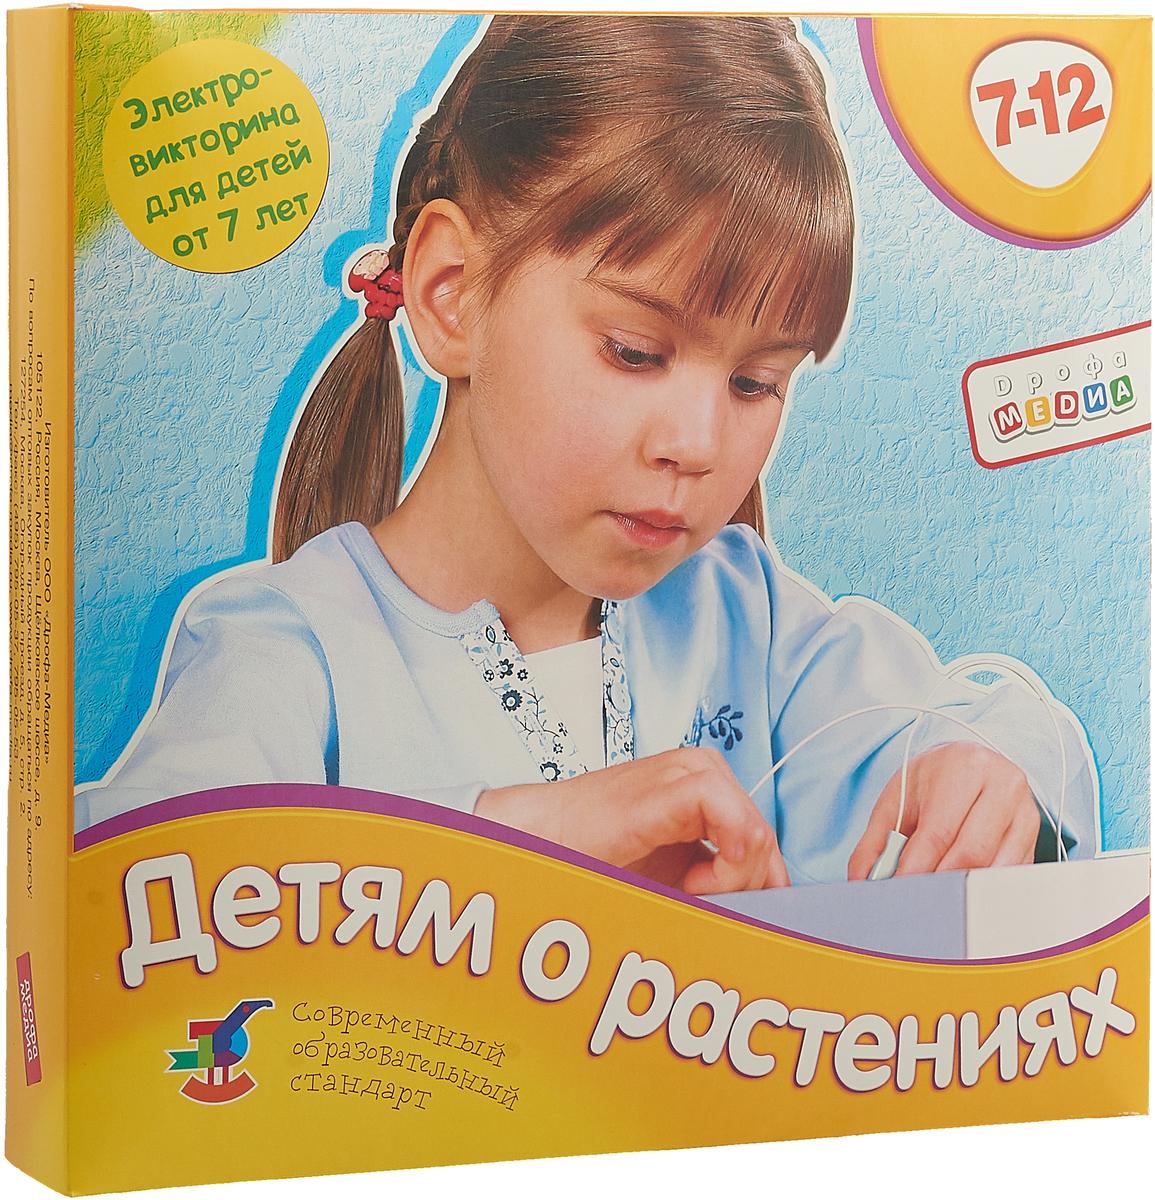 Обучающая игра Дрофа-Медиа Детям о растениях, 2962, желтый дрофа медиа обучающая игра готовимся к школе